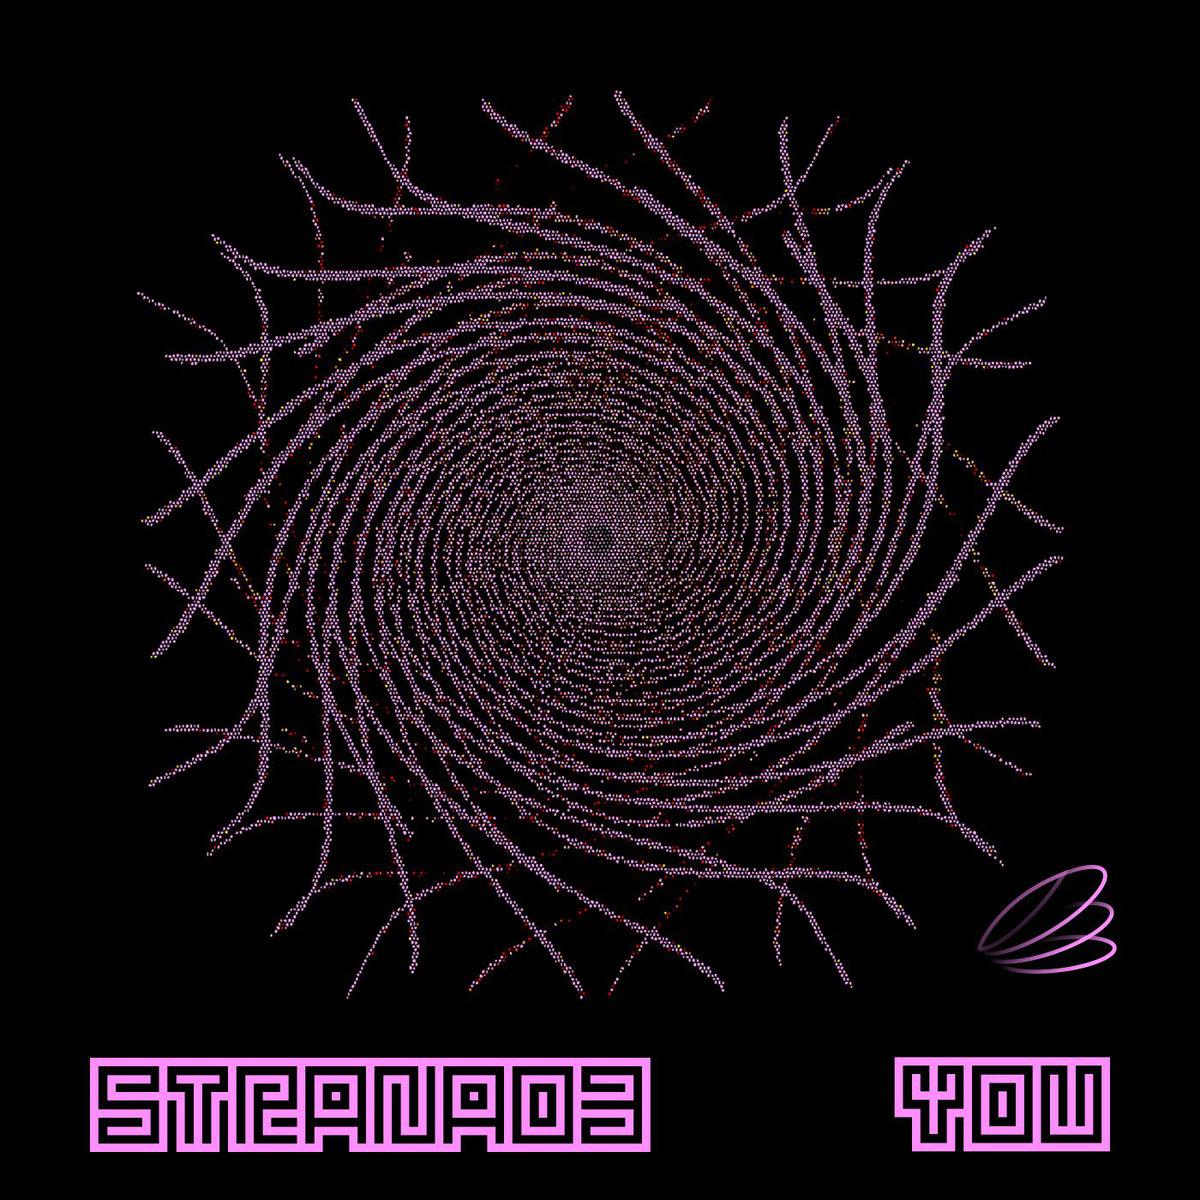 Strana 03 - You